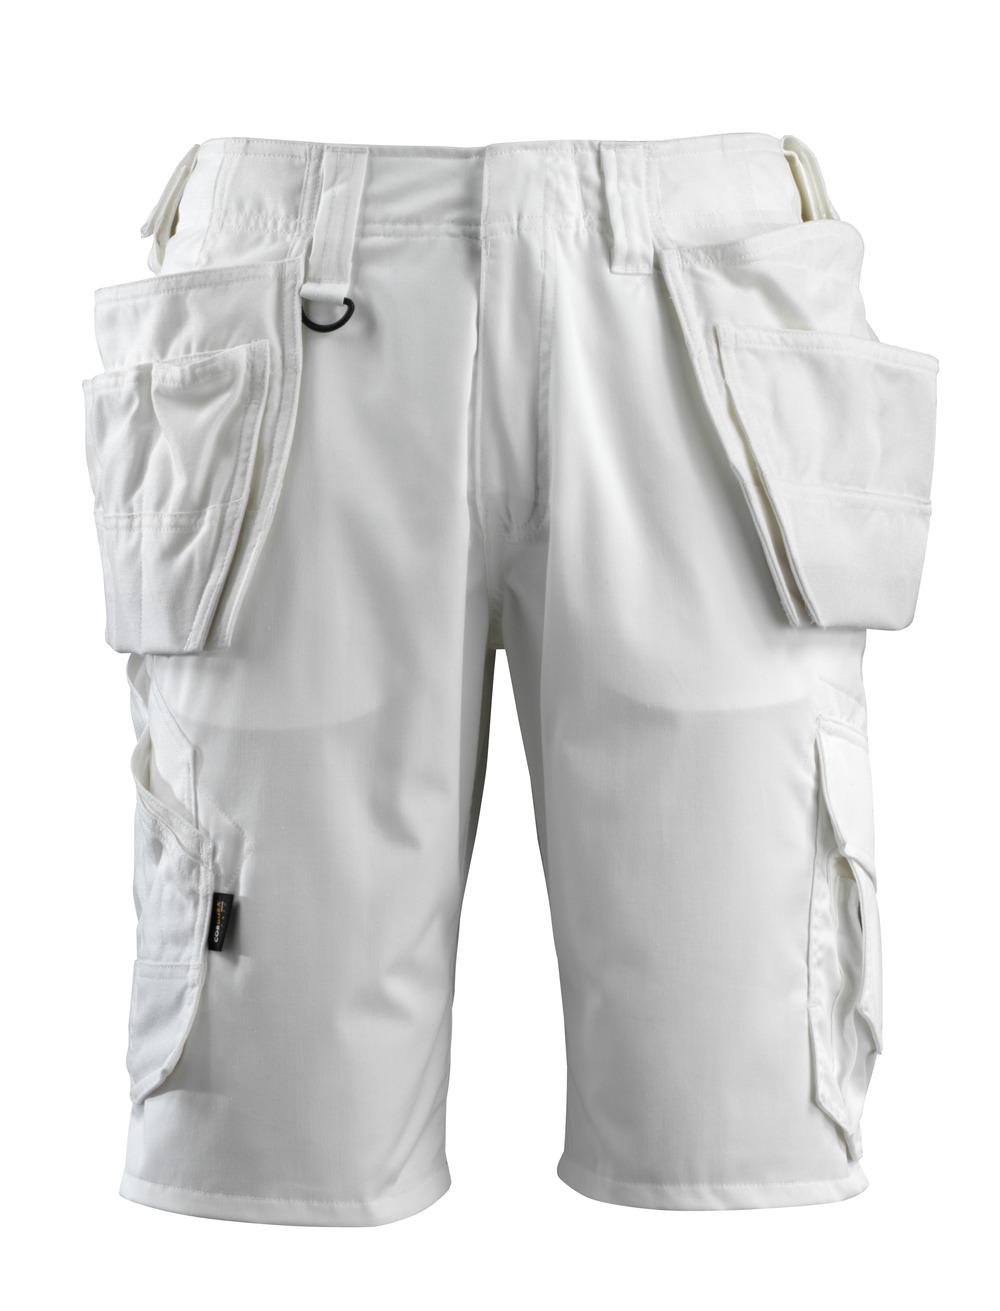 16049-230-06 Shorts met spijkerzakken - wit